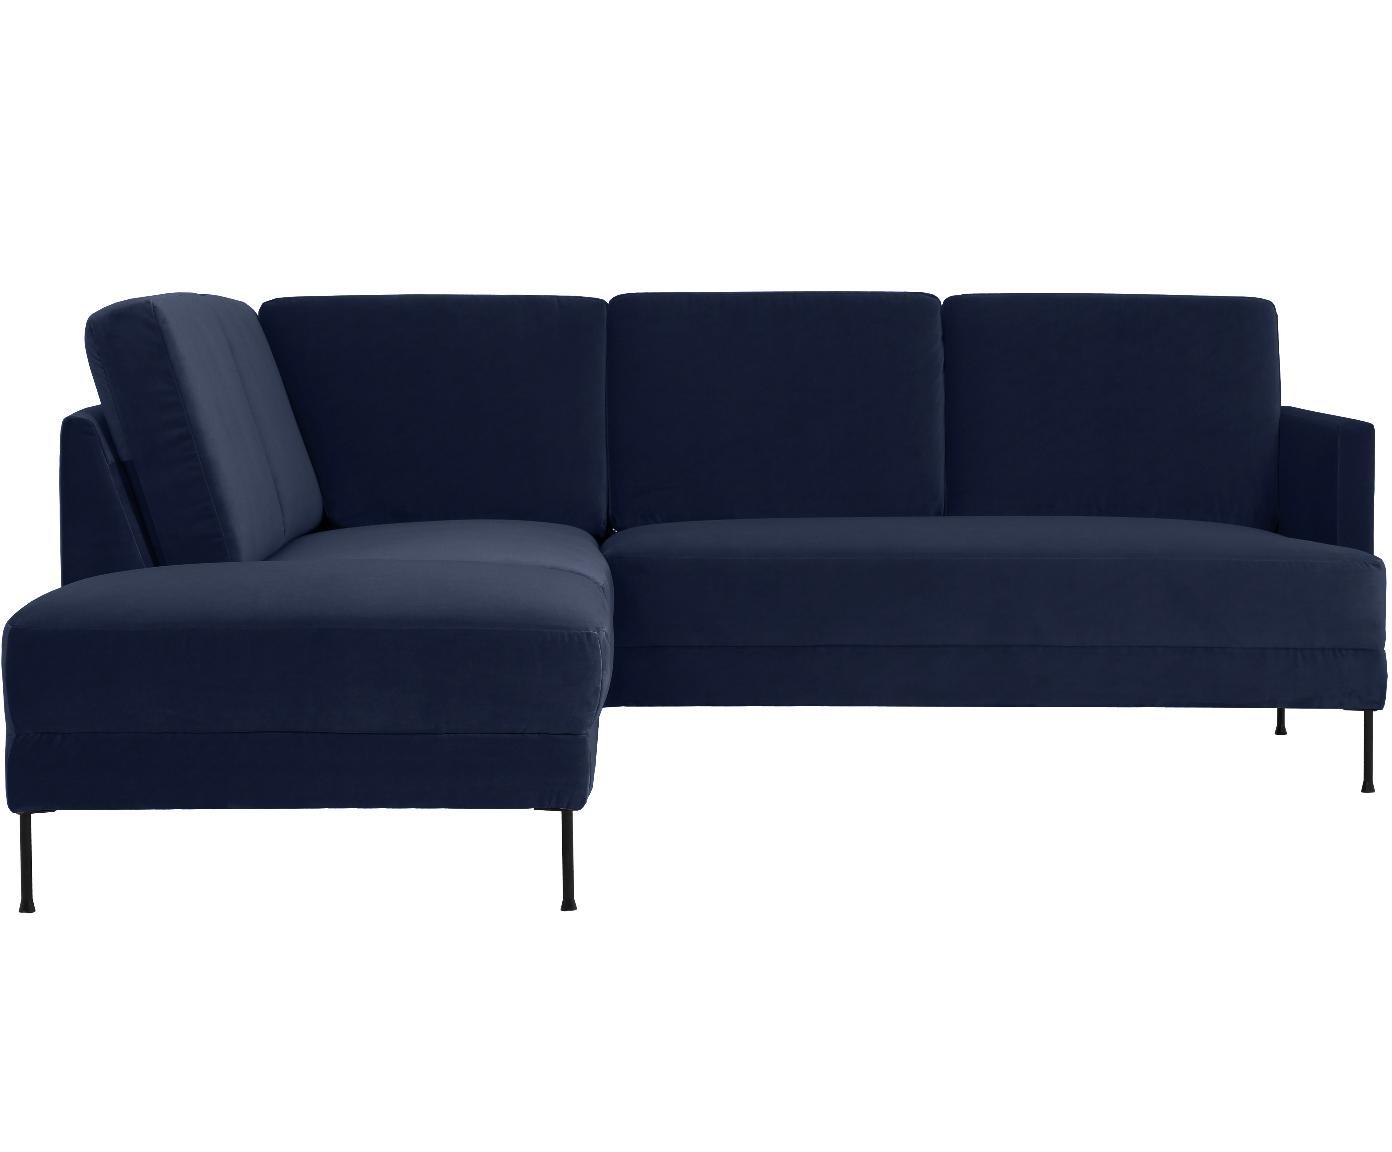 Sofá rinconero de terciopelo Fluente, Tapizado: terciopelo (tapizado de p, Estructura: madera de pino maciza, Patas: metal, Terciopelo azul oscuro, An 221 x F 200 cm